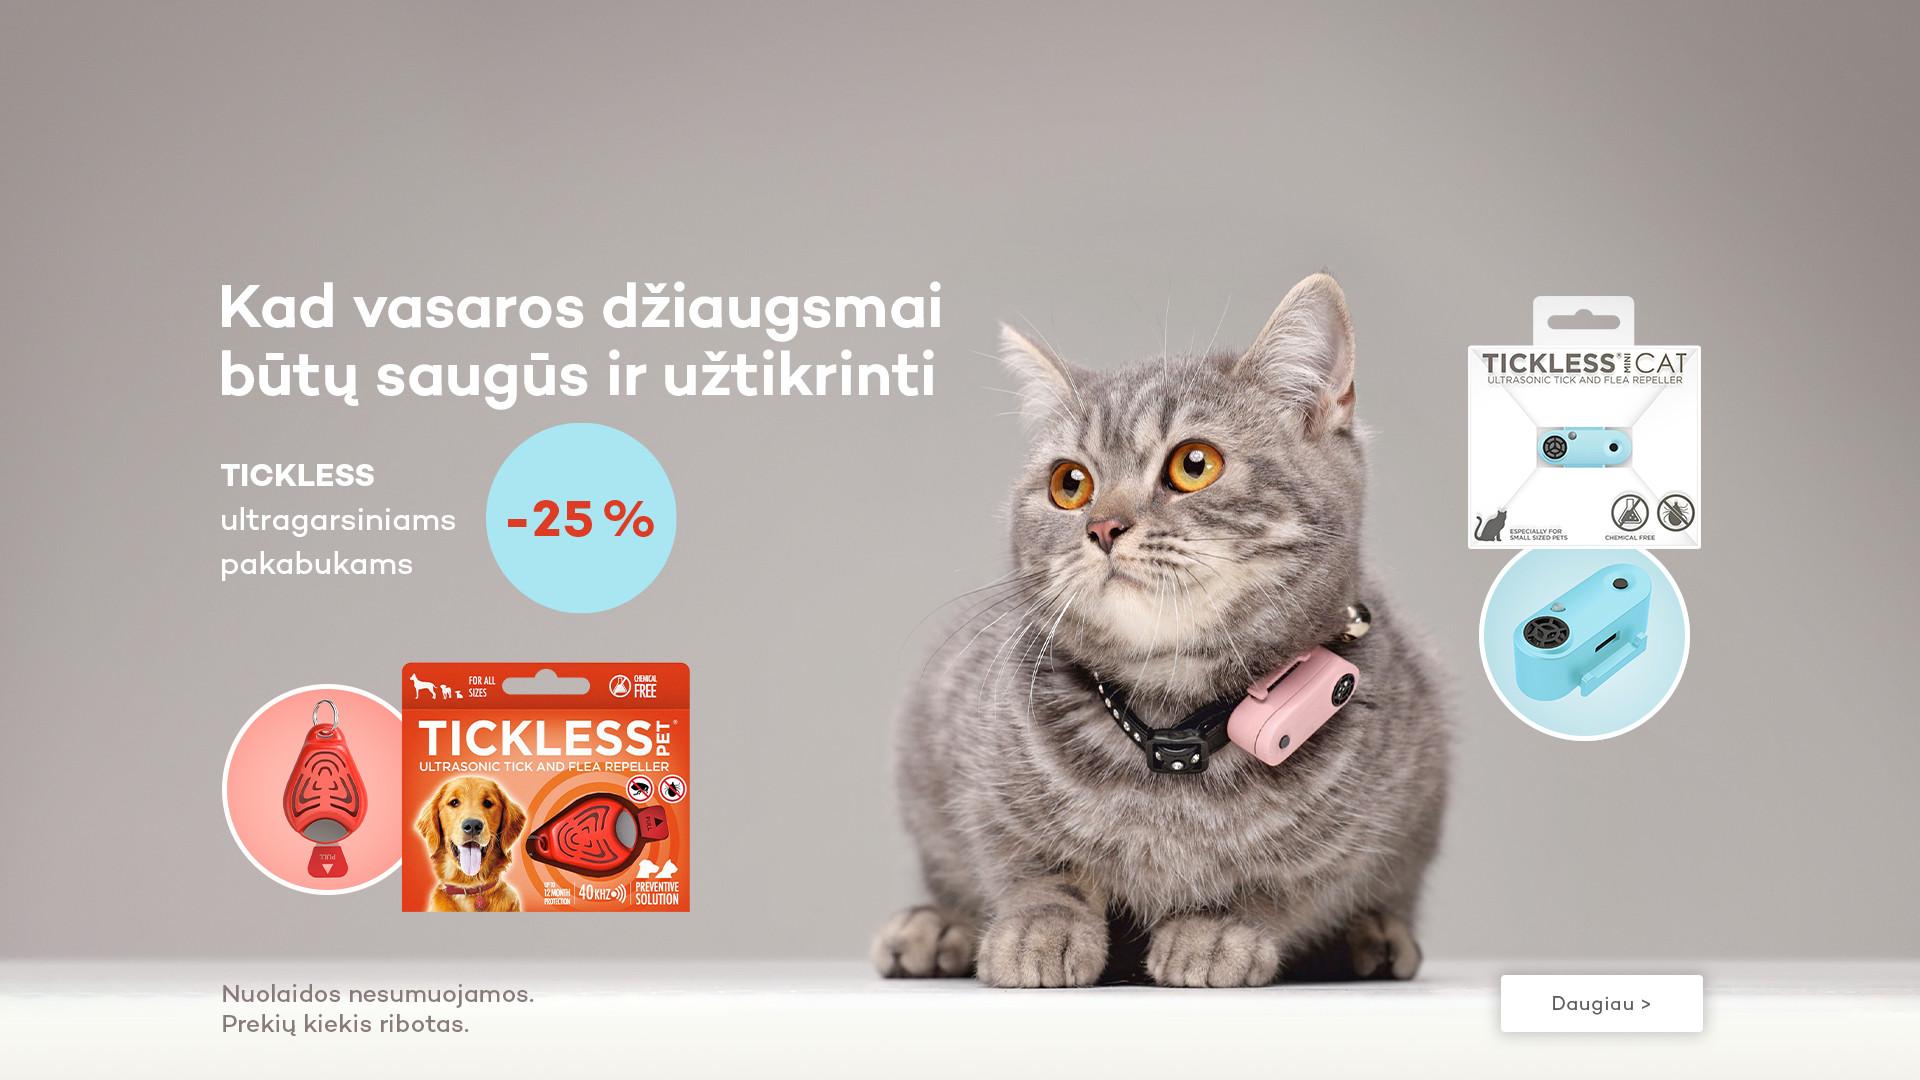 KIKA - Tickless